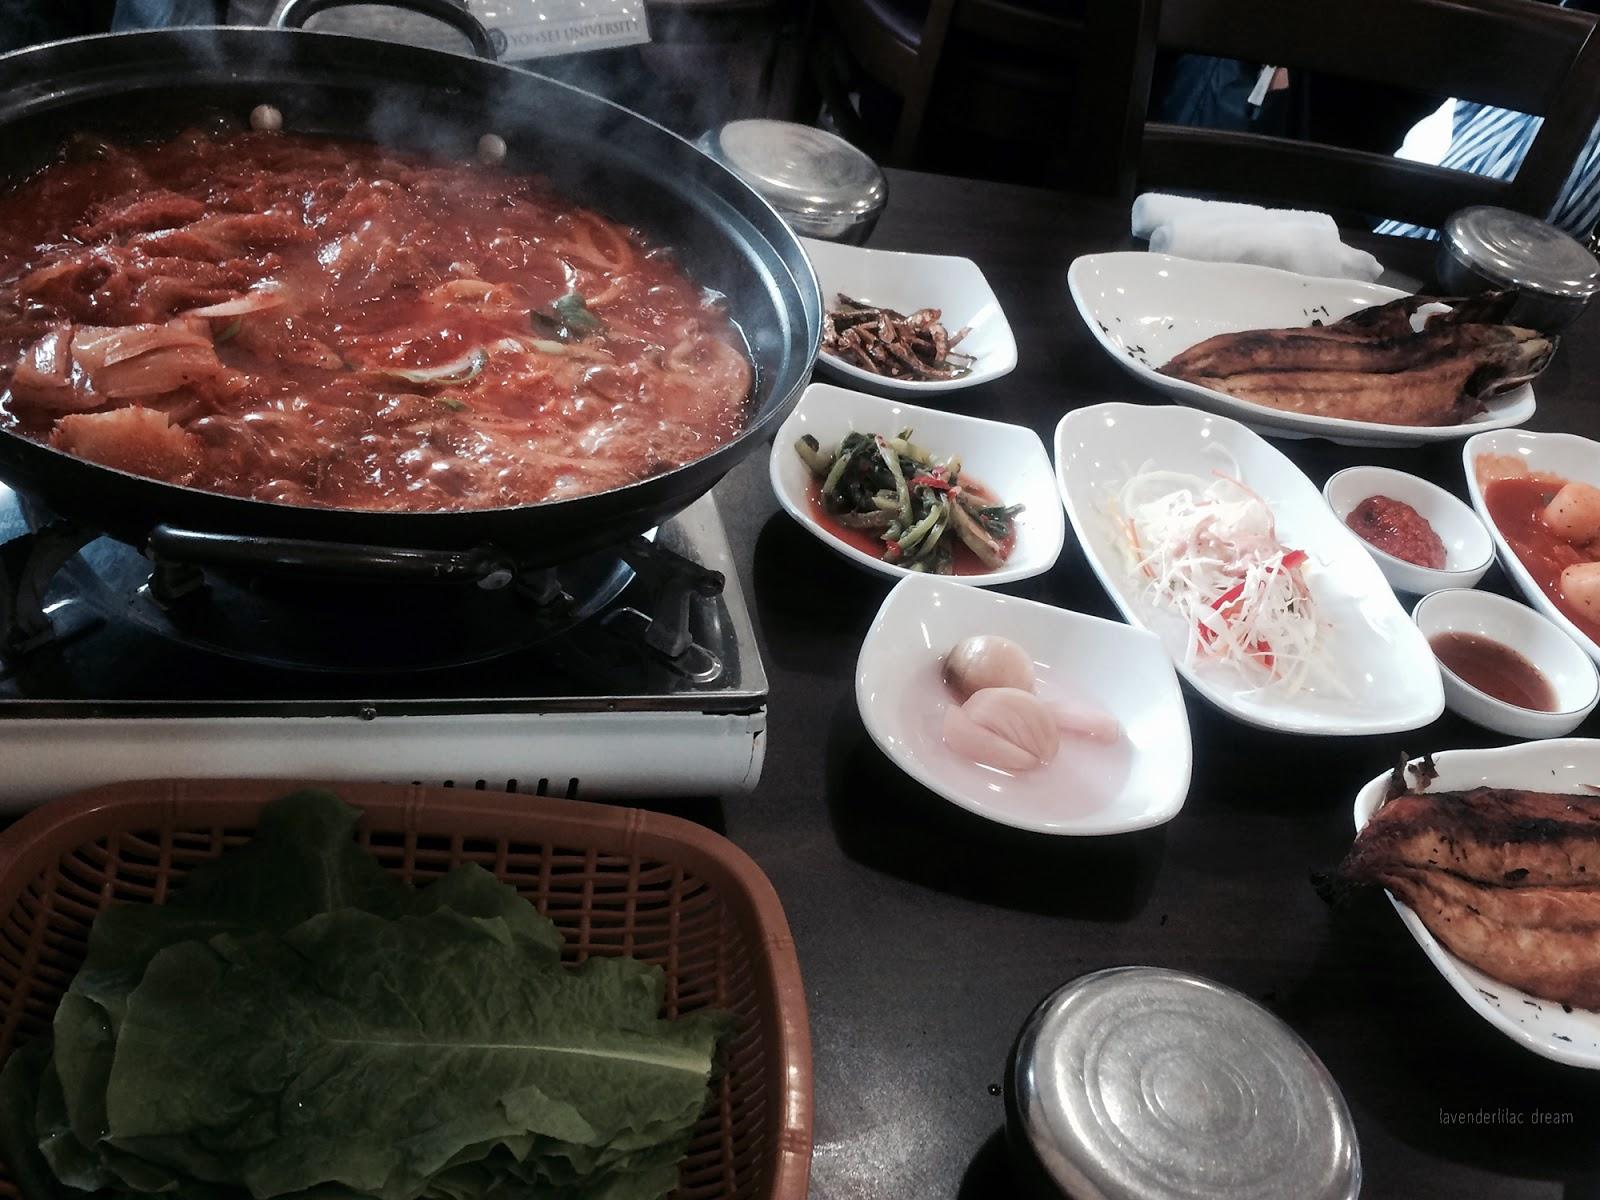 South Korea, Yonsei University, YISS 2014 Field Trip to Jeju Island, First lunch in Jeju - Spicy Pork Dwaejibulgogi